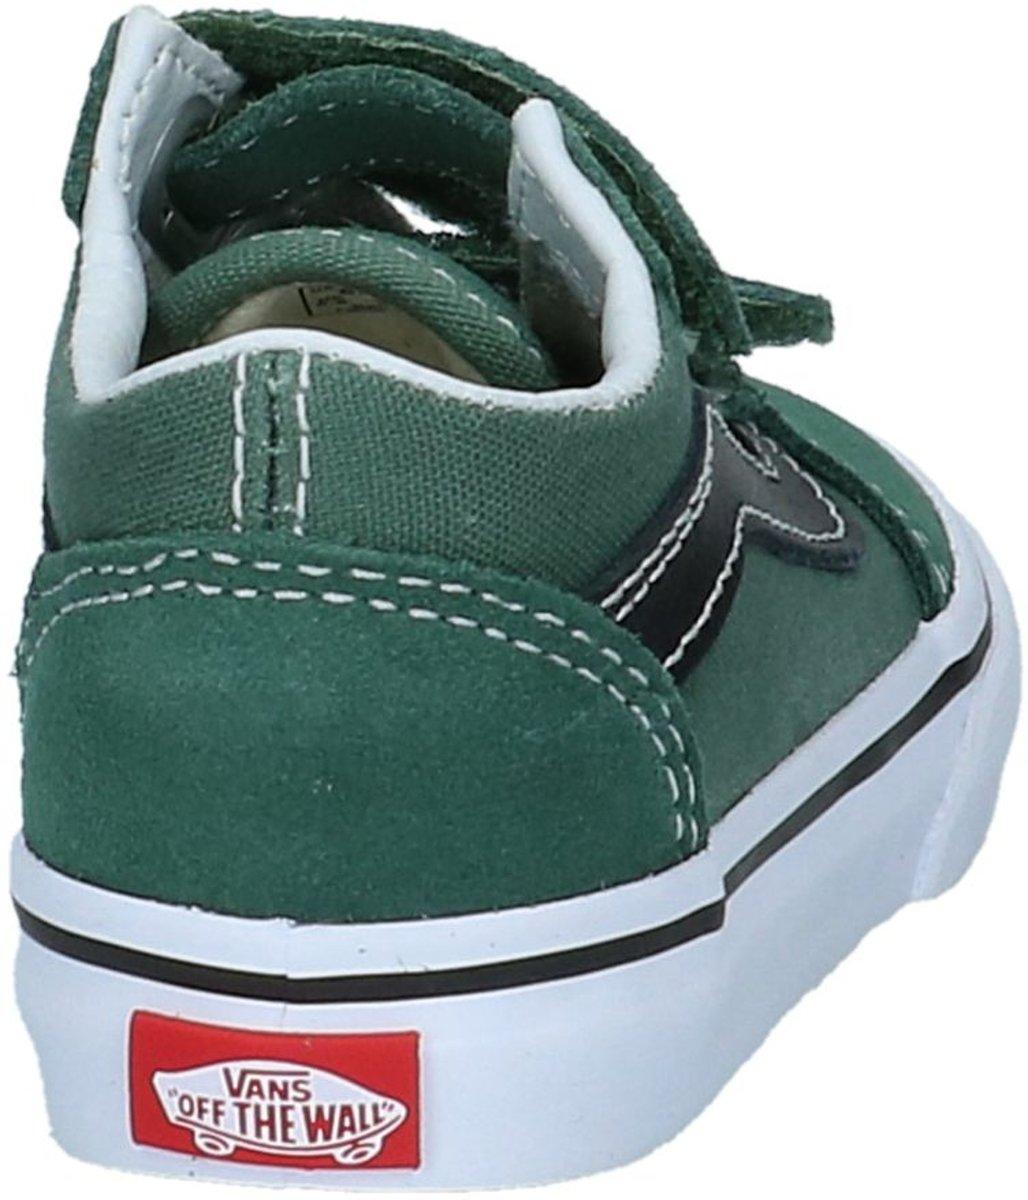 c8b2d2a36da bol.com | Vans - Old Skool V Td - Lage sneakers - Jongens - Maat 23,5 -  Groen;Groene - Q7M -Duck.